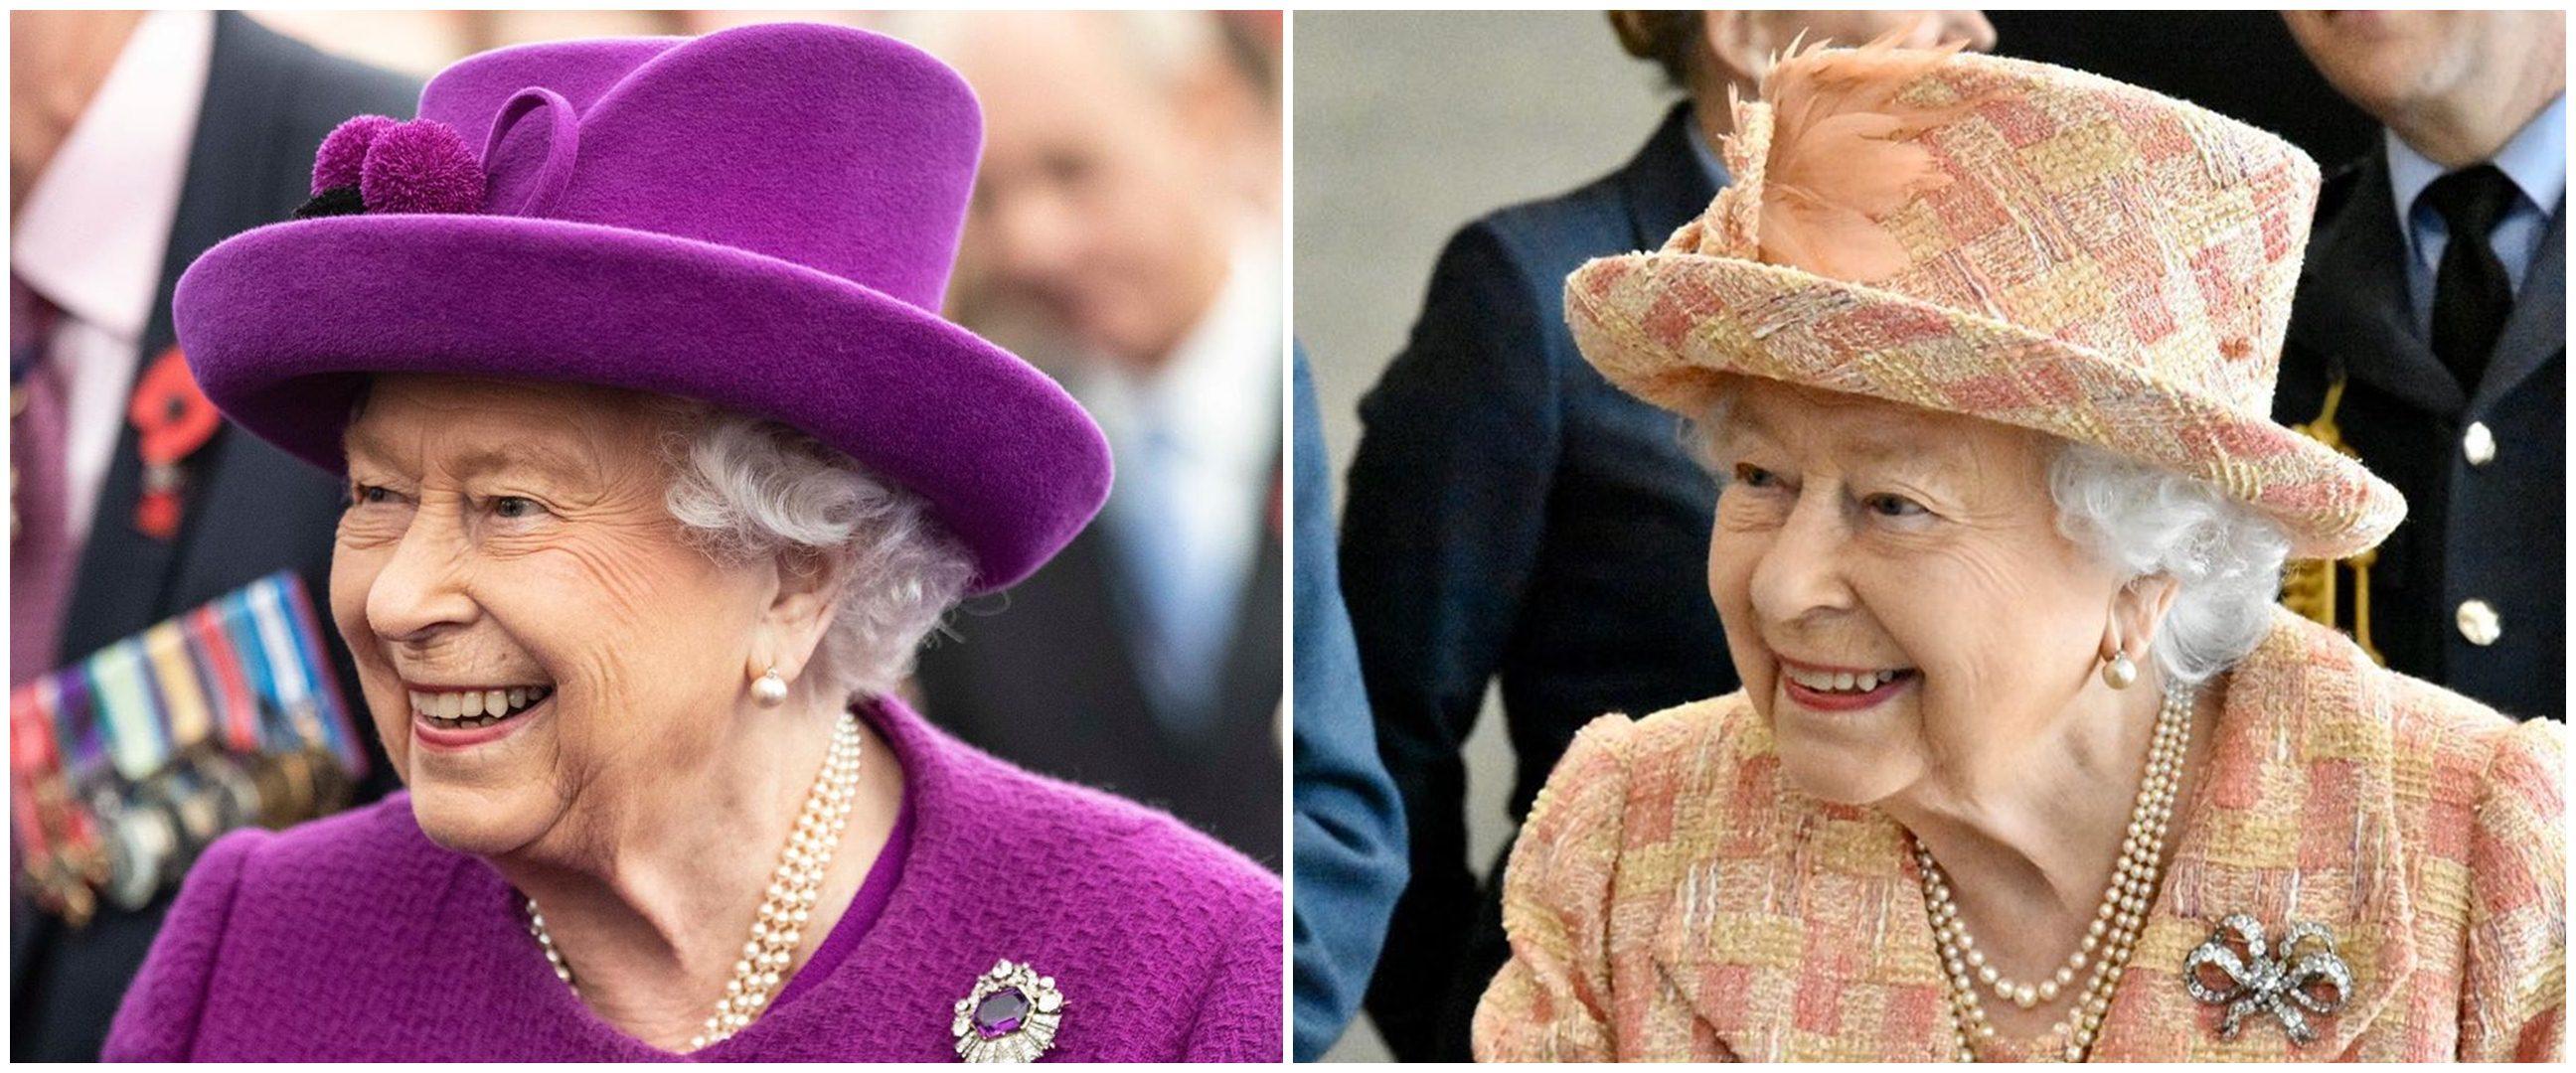 Khawatir virus Corona, Ratu Elizabeth II mengisolasi diri